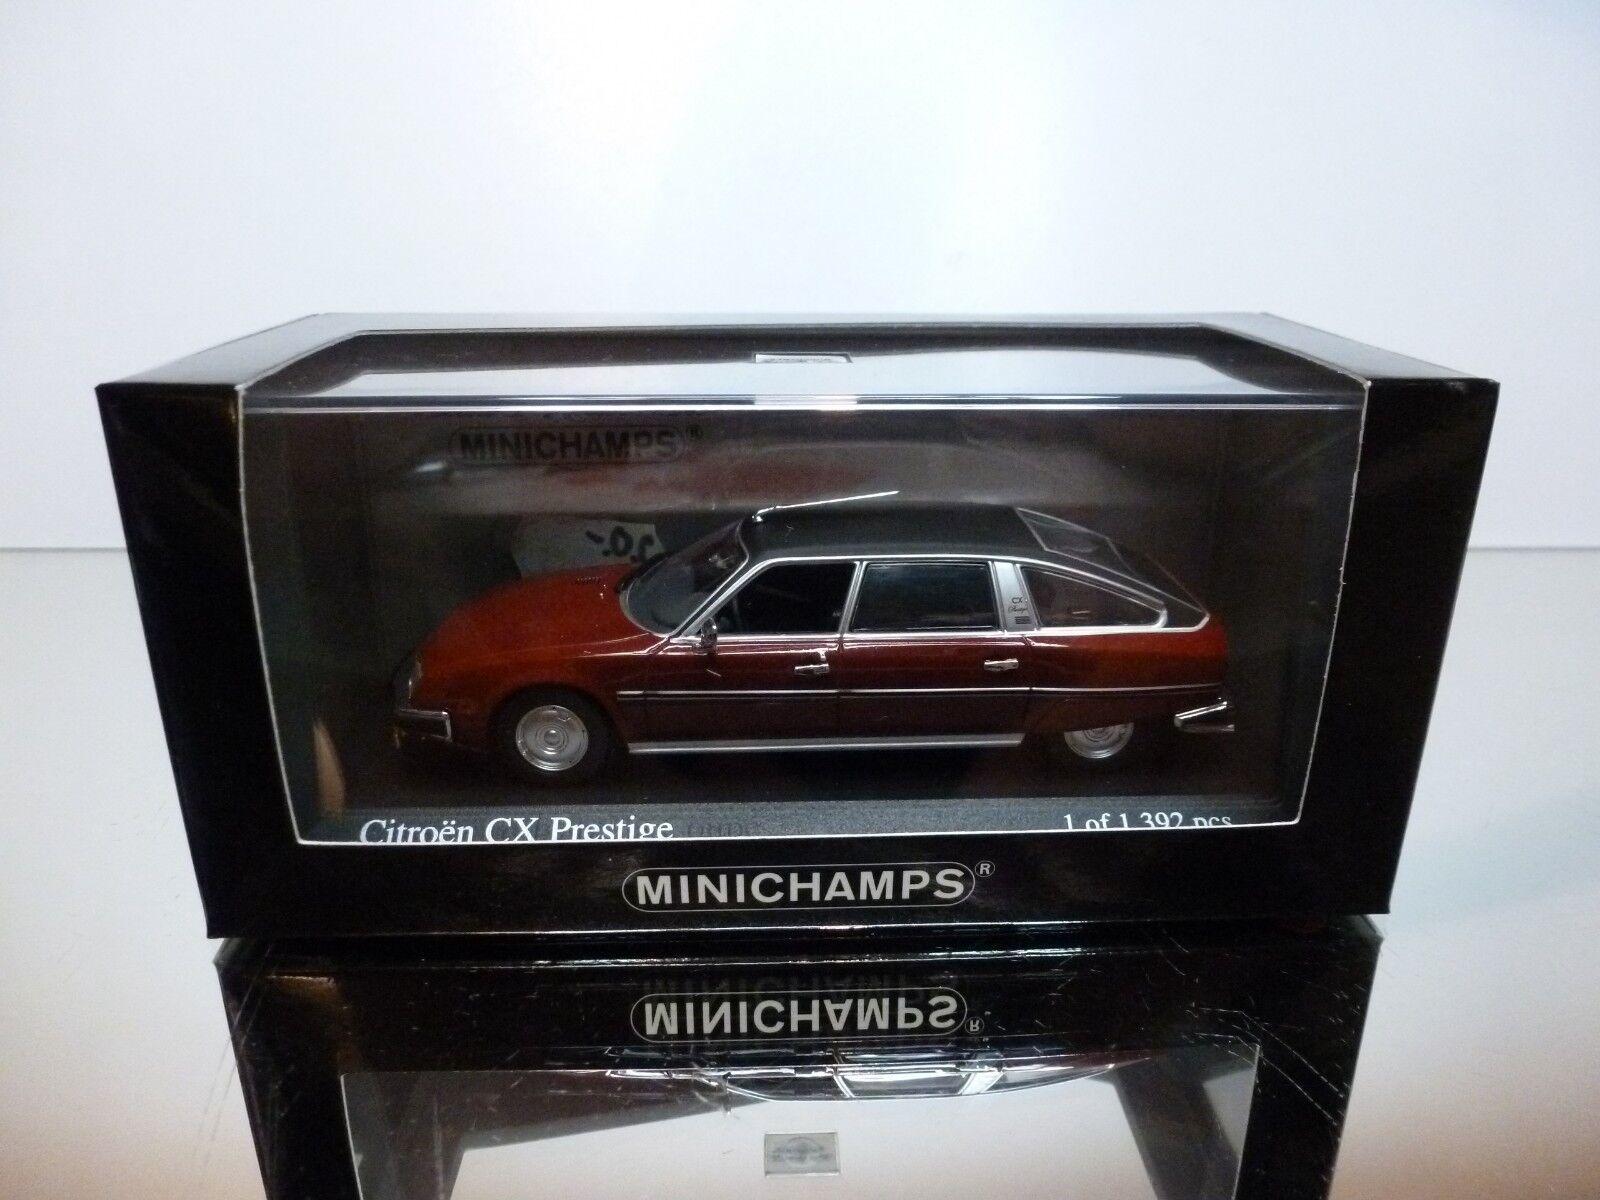 Citroën cx prestige - 1979 minichamps rot metallic 1 43 ausgezeichnet im kasten